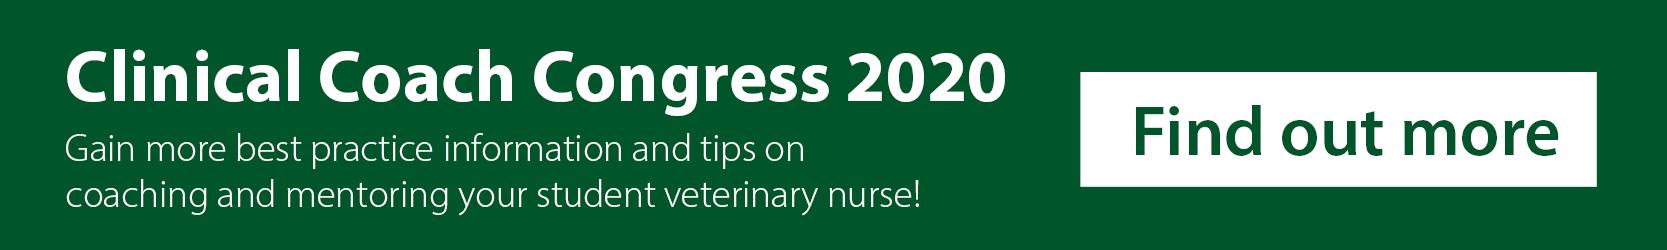 Book Clinical Coach Congress 2020